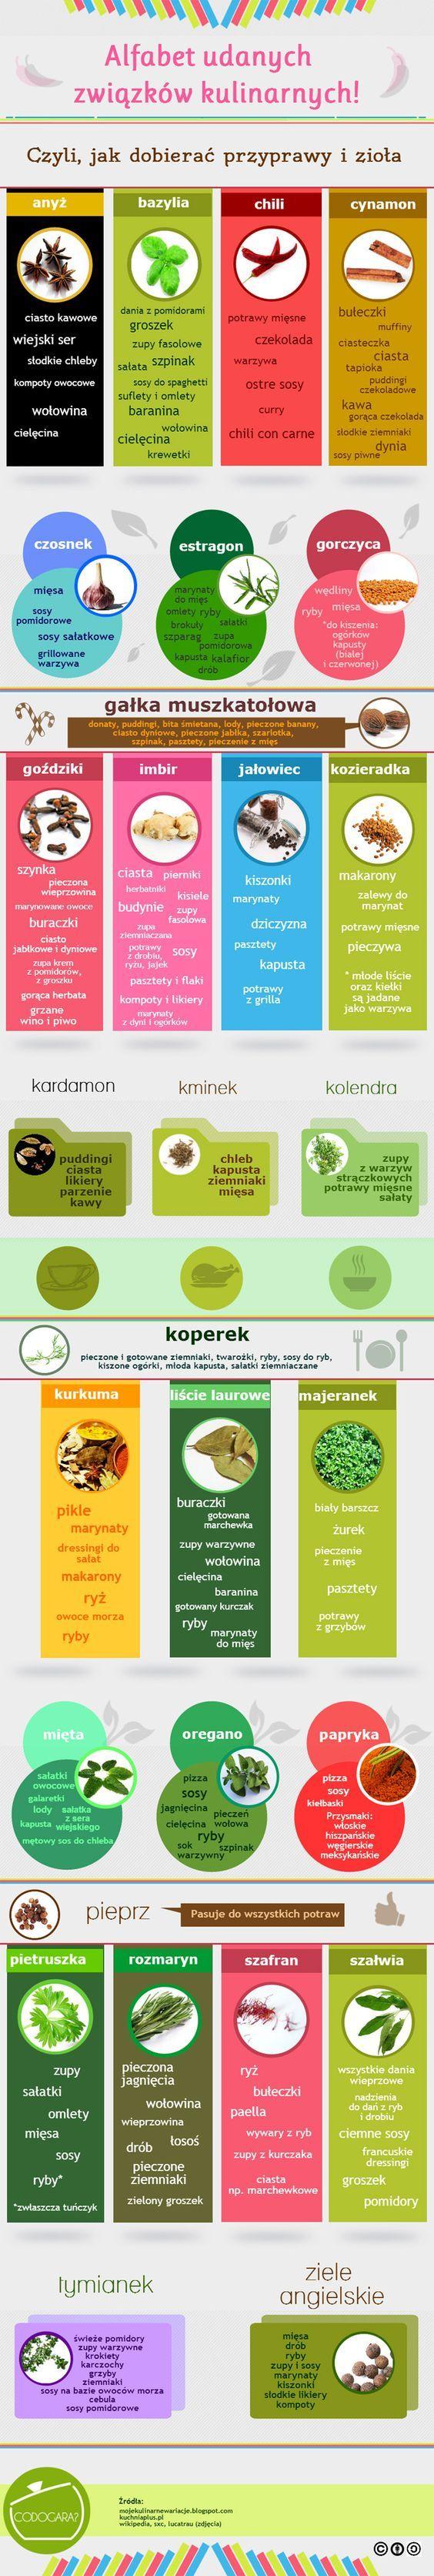 Jak łączyć potrawy zdrowo i smacznie? Codogara poleca właśnie tak!